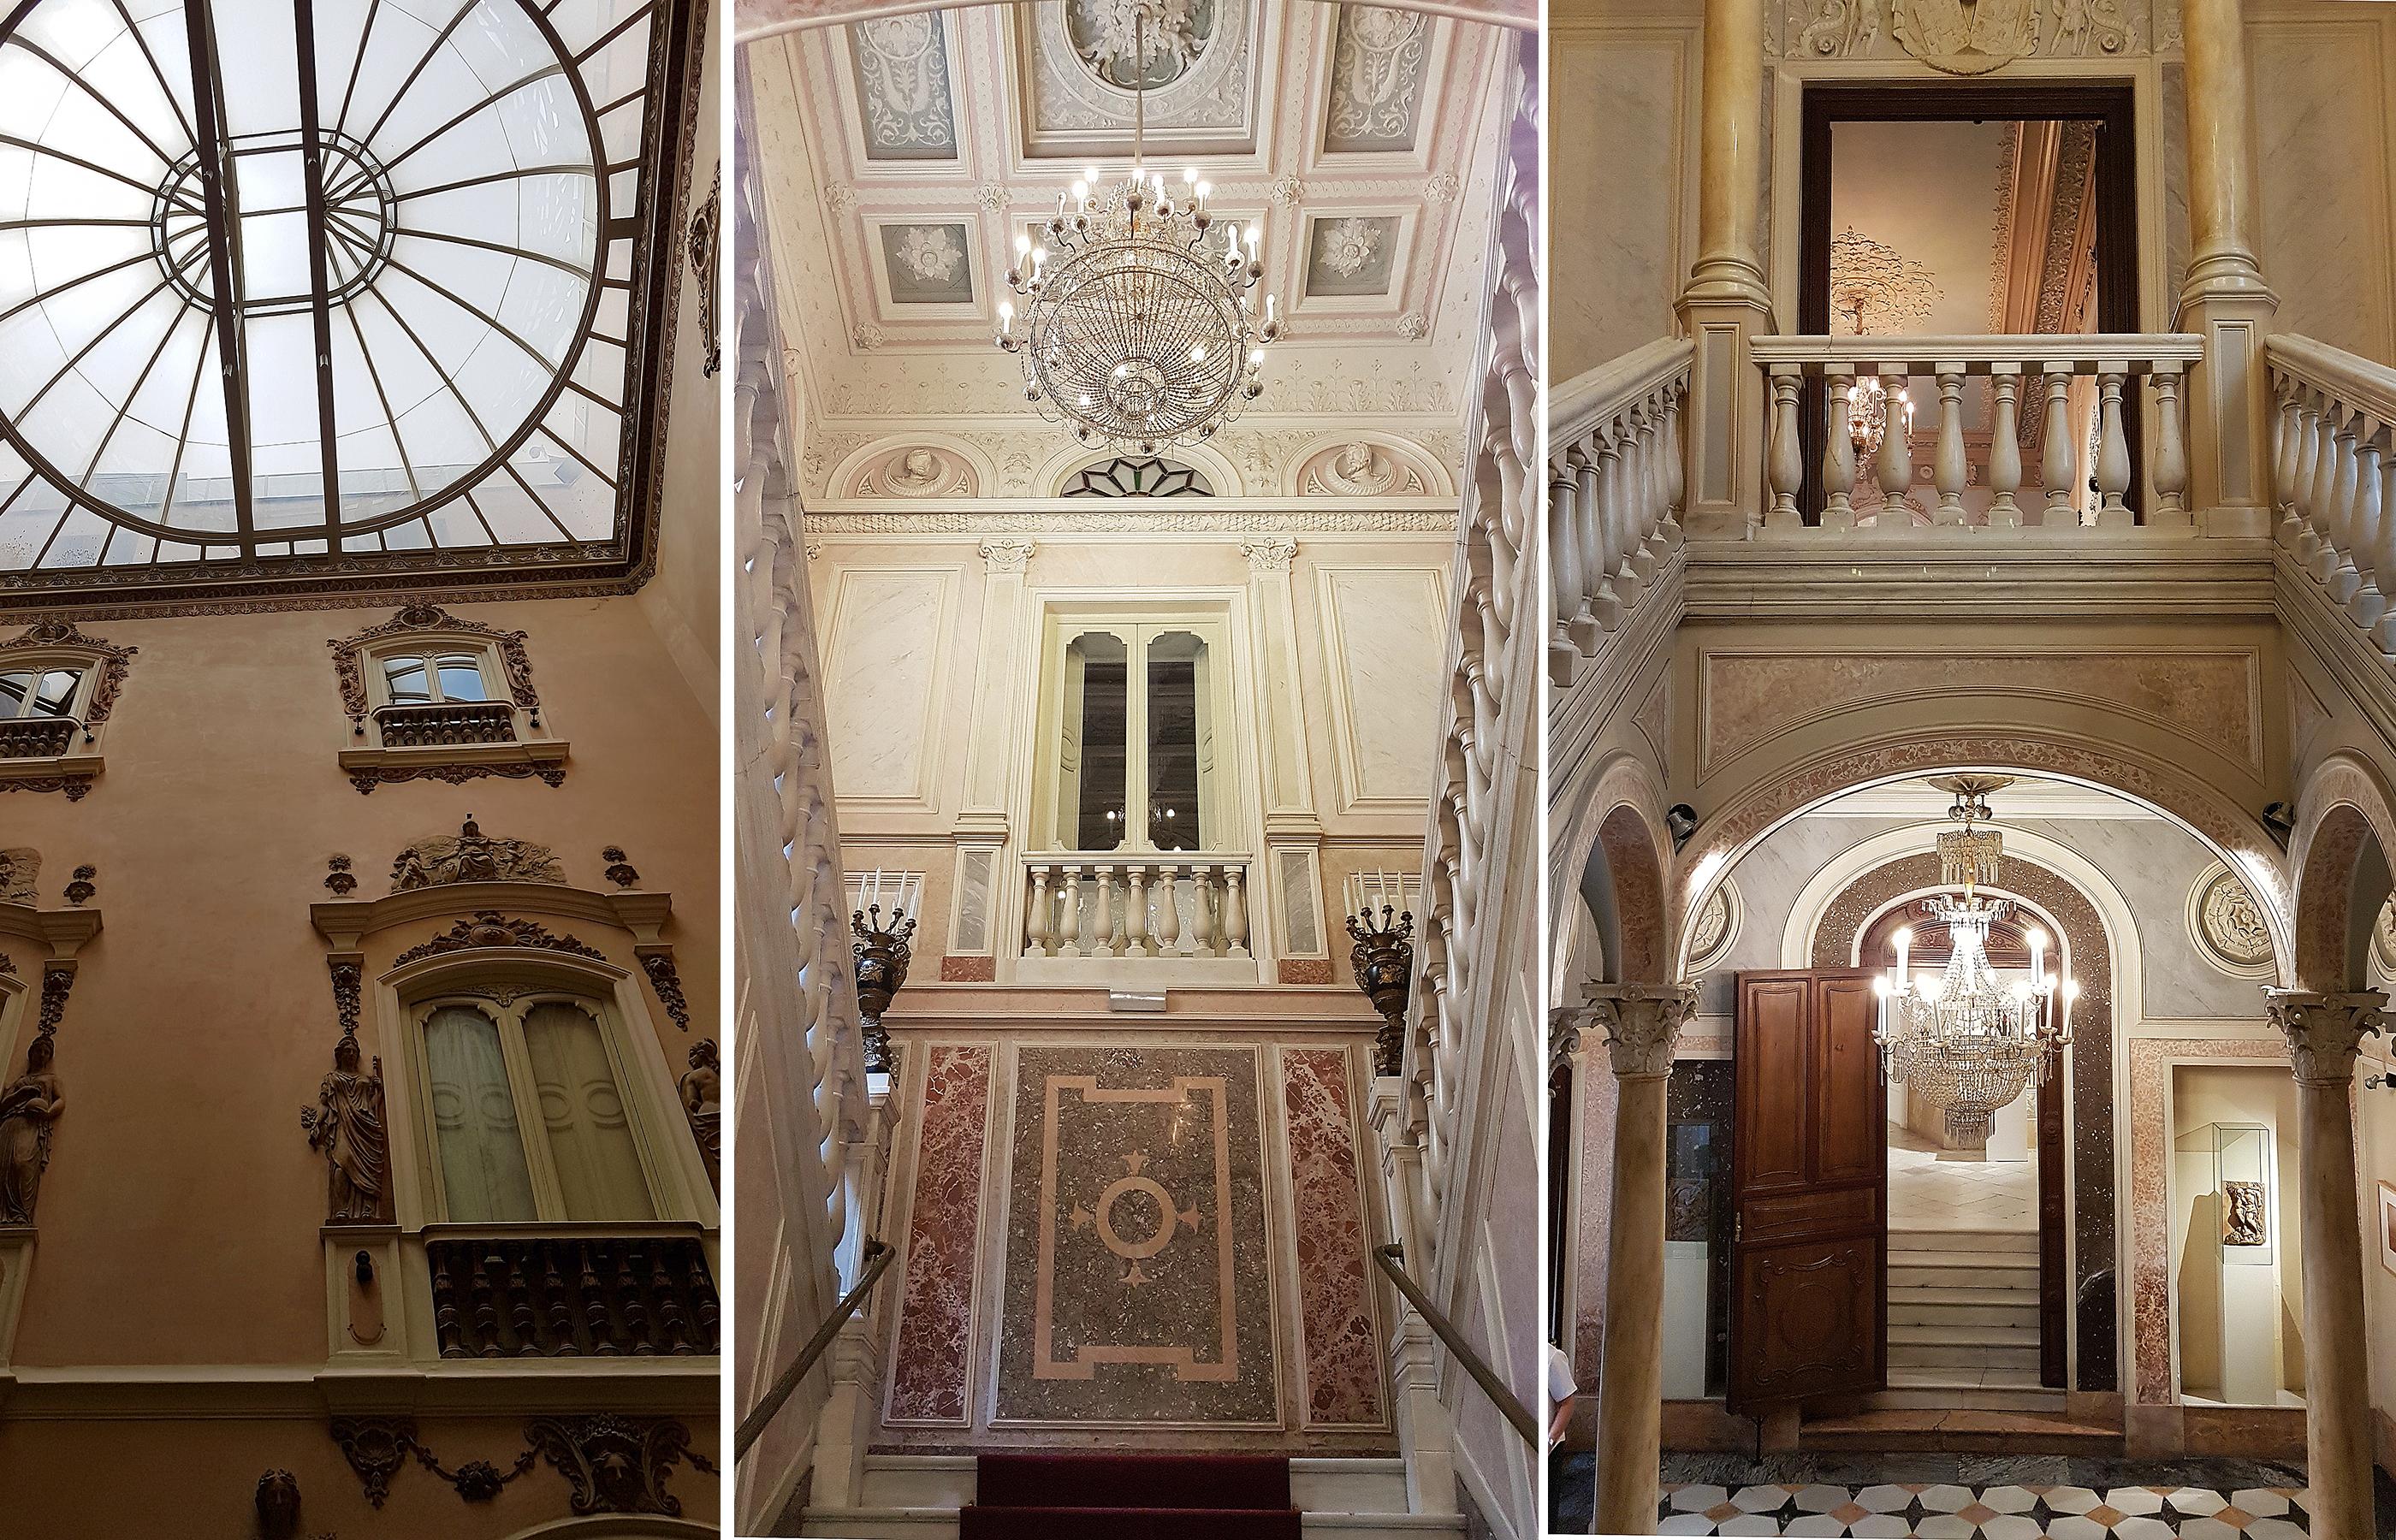 Музей керамики располагается в историческом здании - во дворце маркизов де Дос Агуас (Marqués de Dos Aguas)